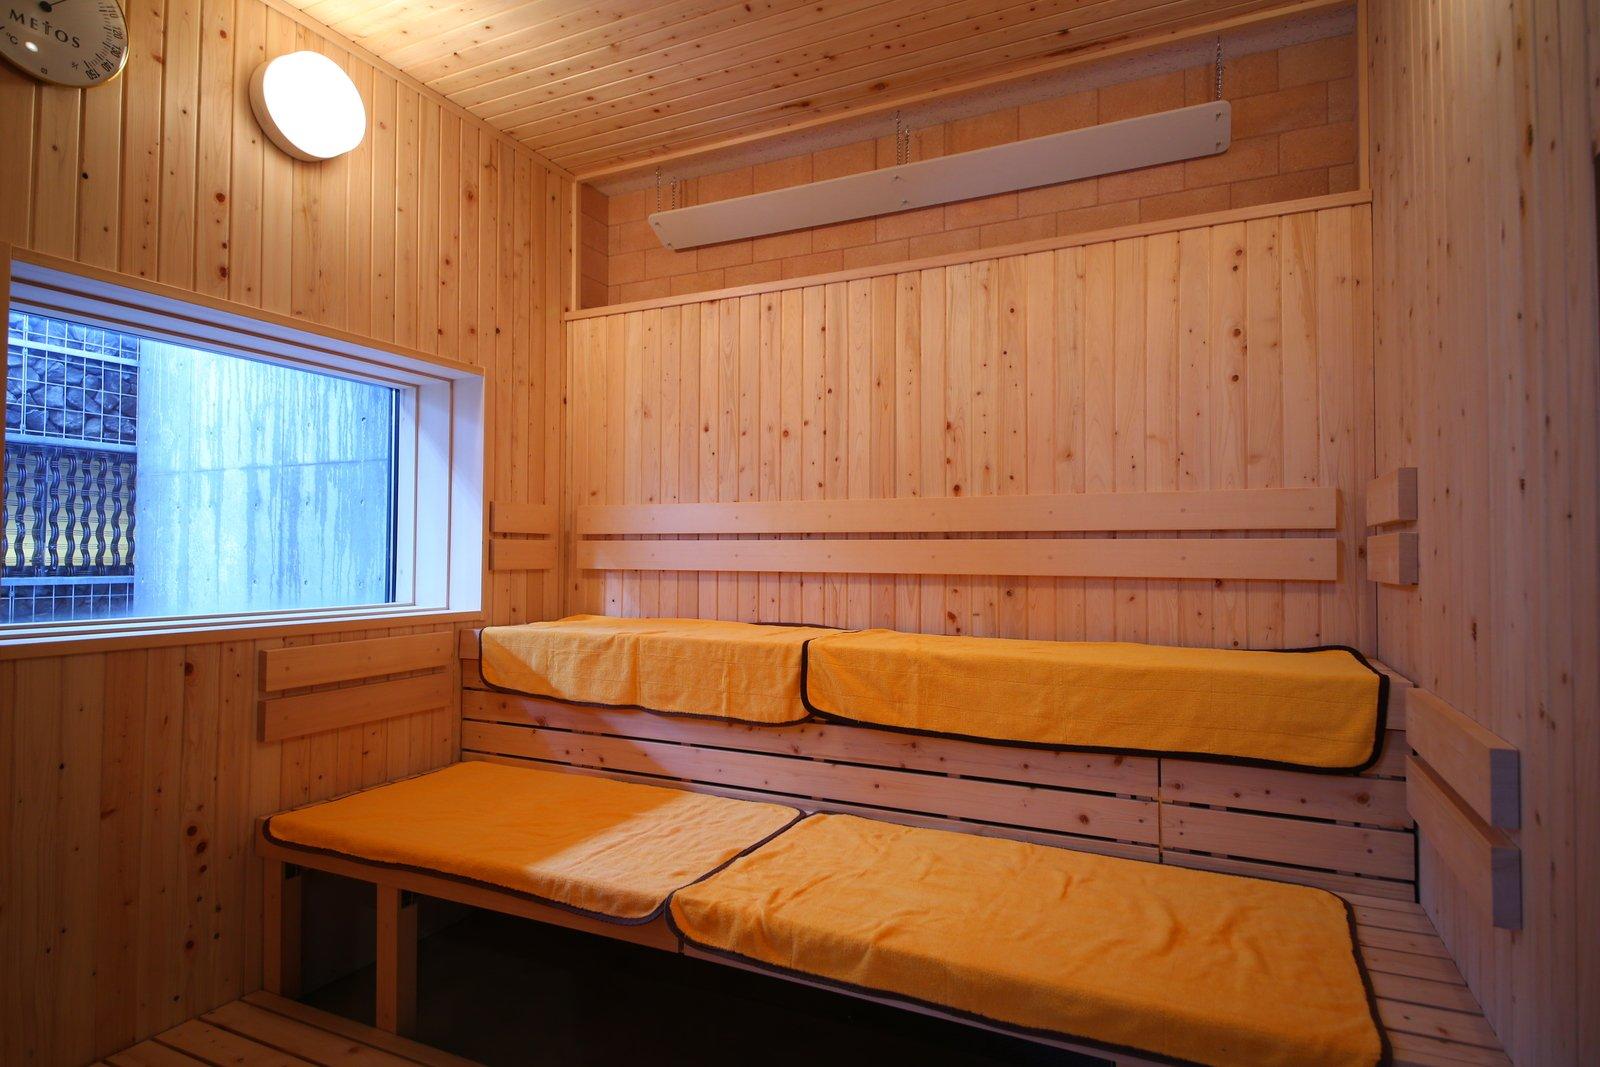 Aya public onsen 5 large